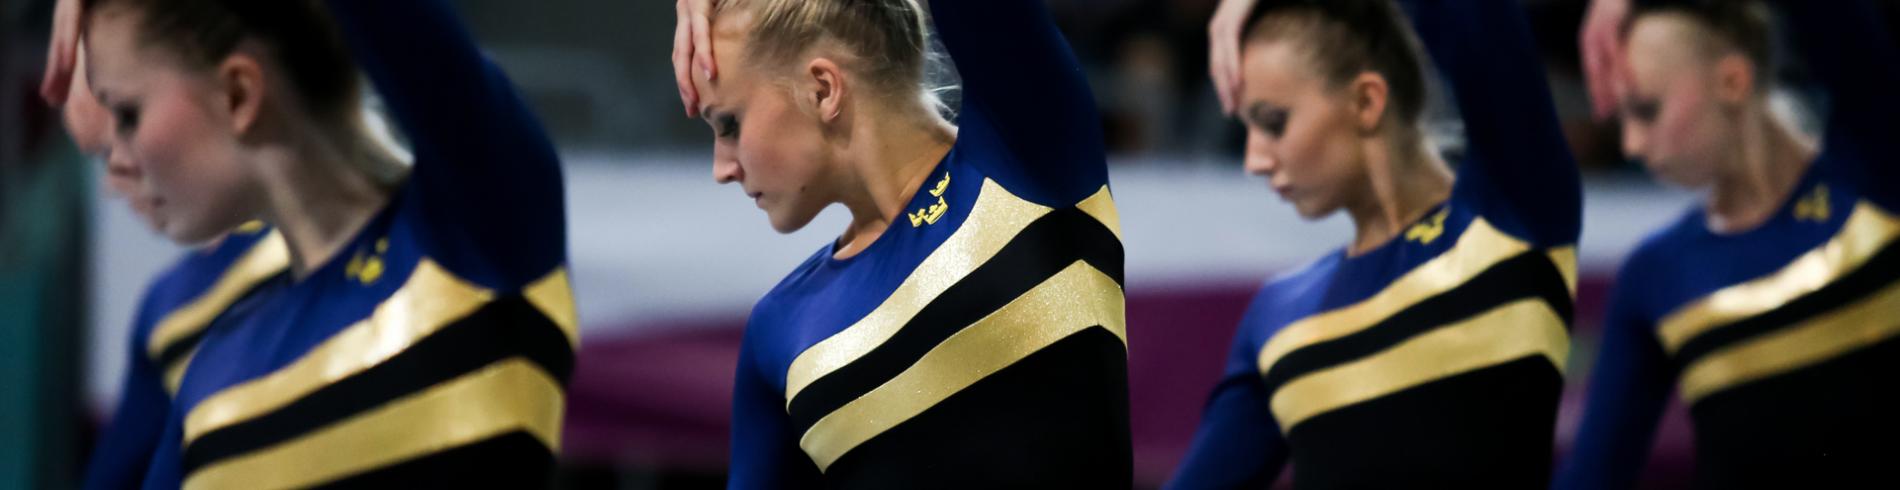 Gymnastikförbundets officiella bildbank  cover image